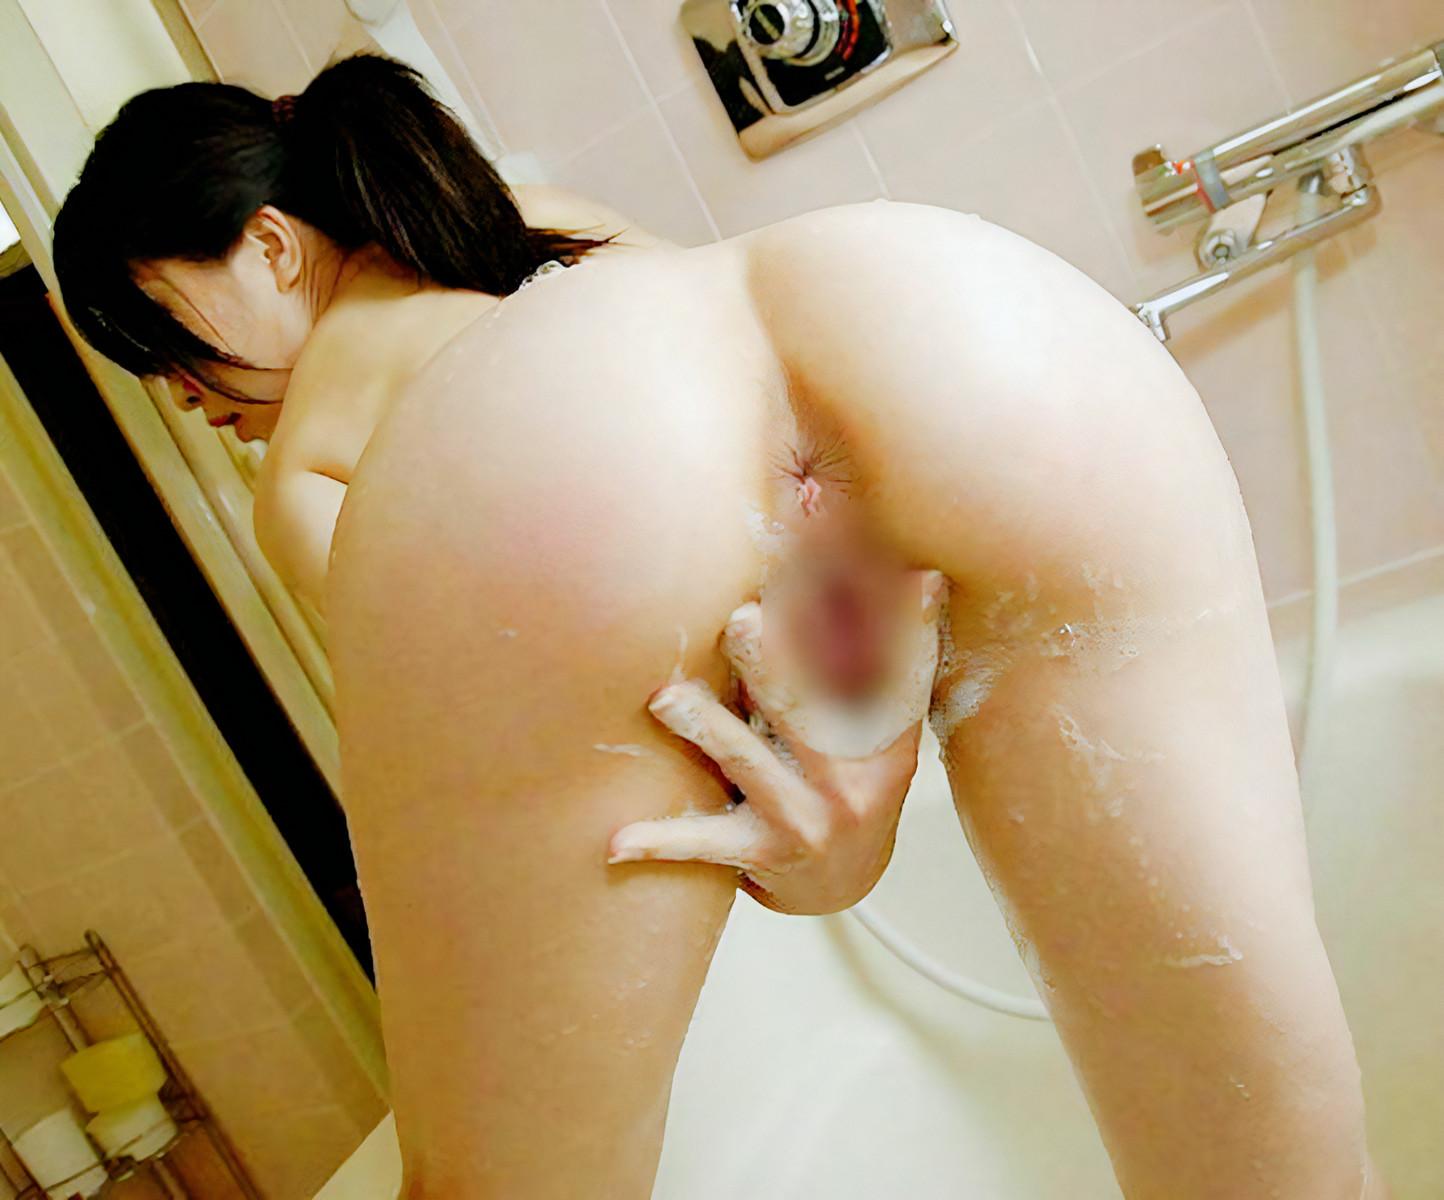 お尻の穴(アナル)